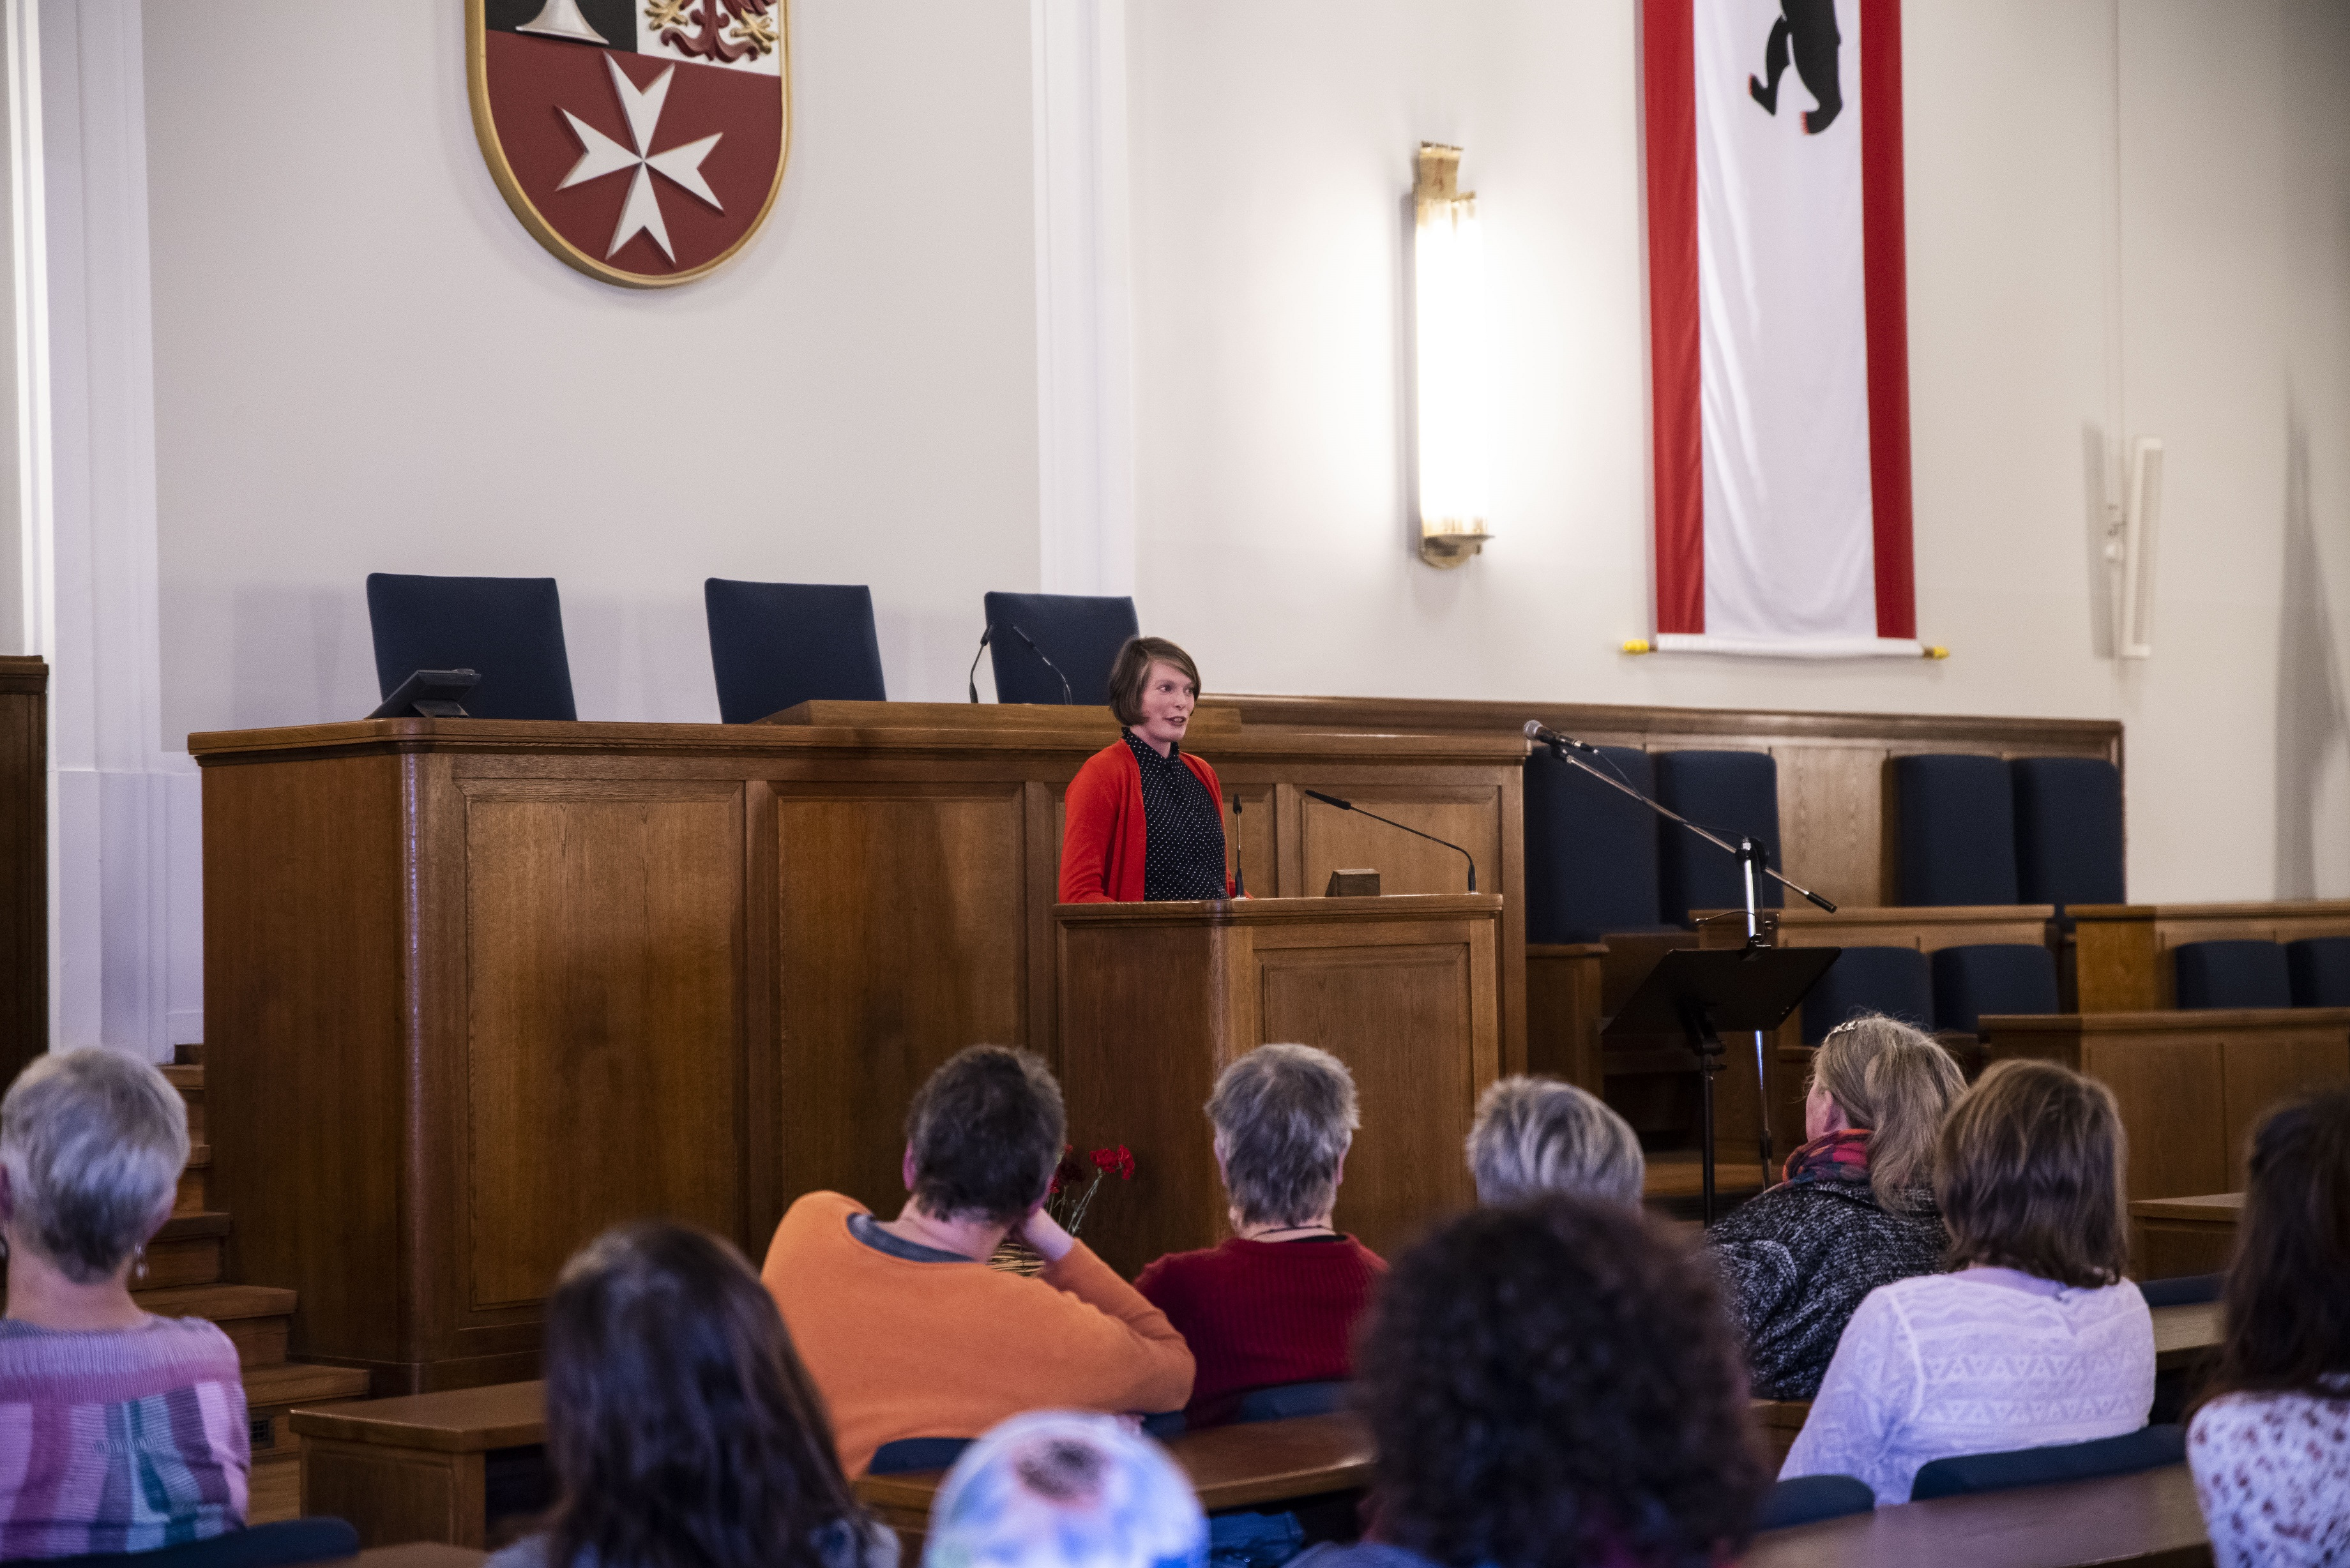 Feier 100 Jahre Frauenwahlrecht mit dem Blick nach vorne 25